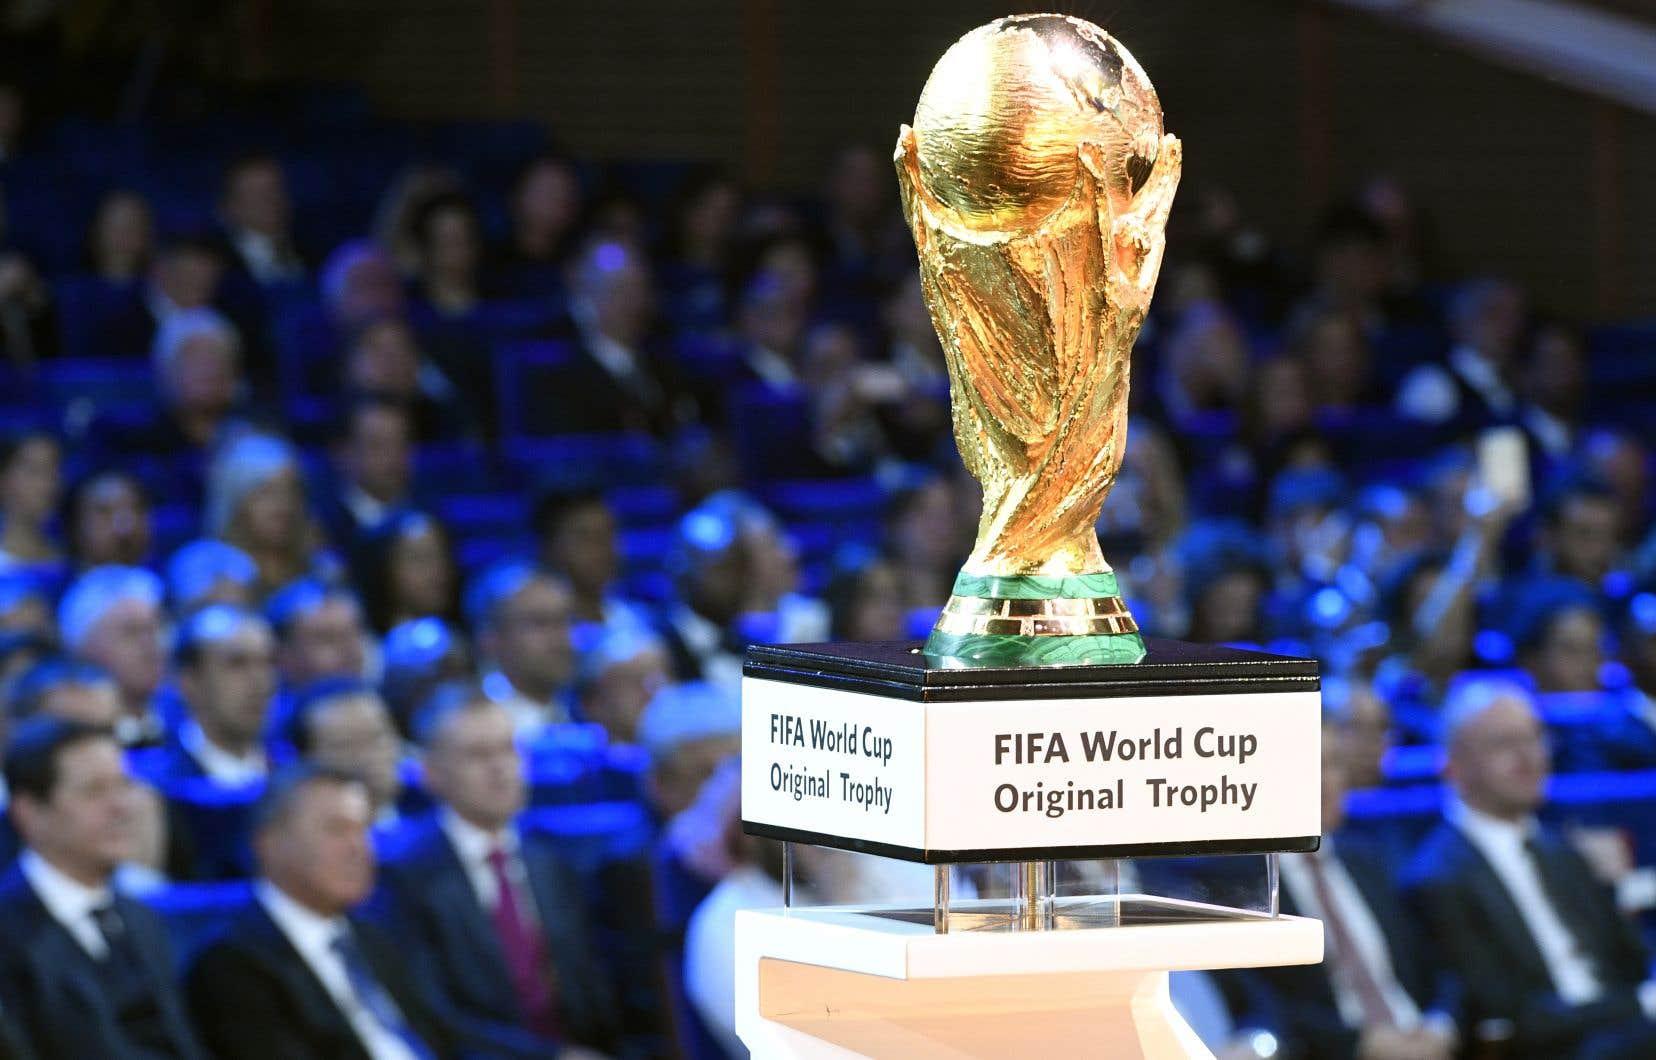 On saura le 13juin prochain si la candidature nord-américaine est choisie par la FIFA.